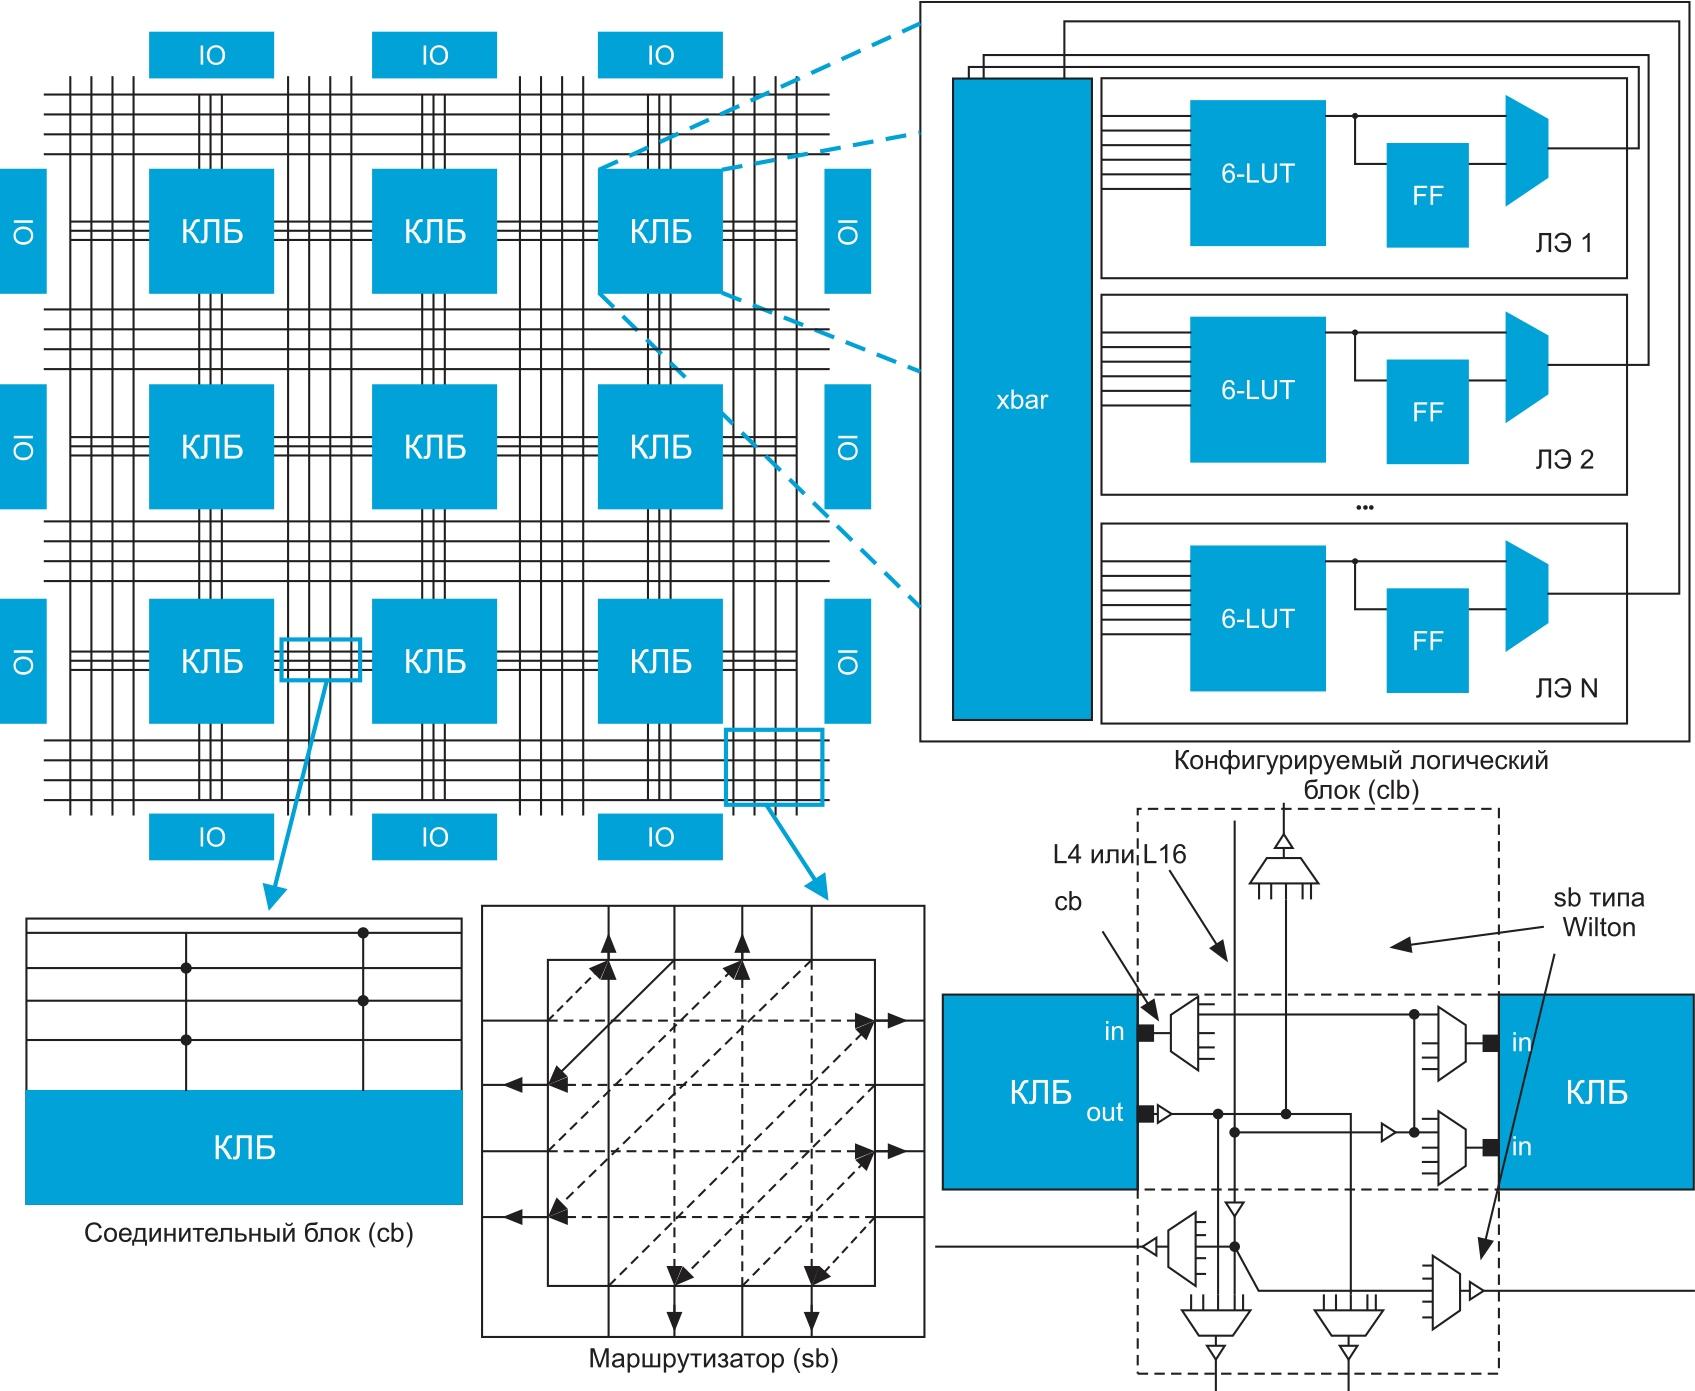 Архитектура академической ПЛИС с одноуровневой структурой межсоединений, используемая в САПР VTR8.0